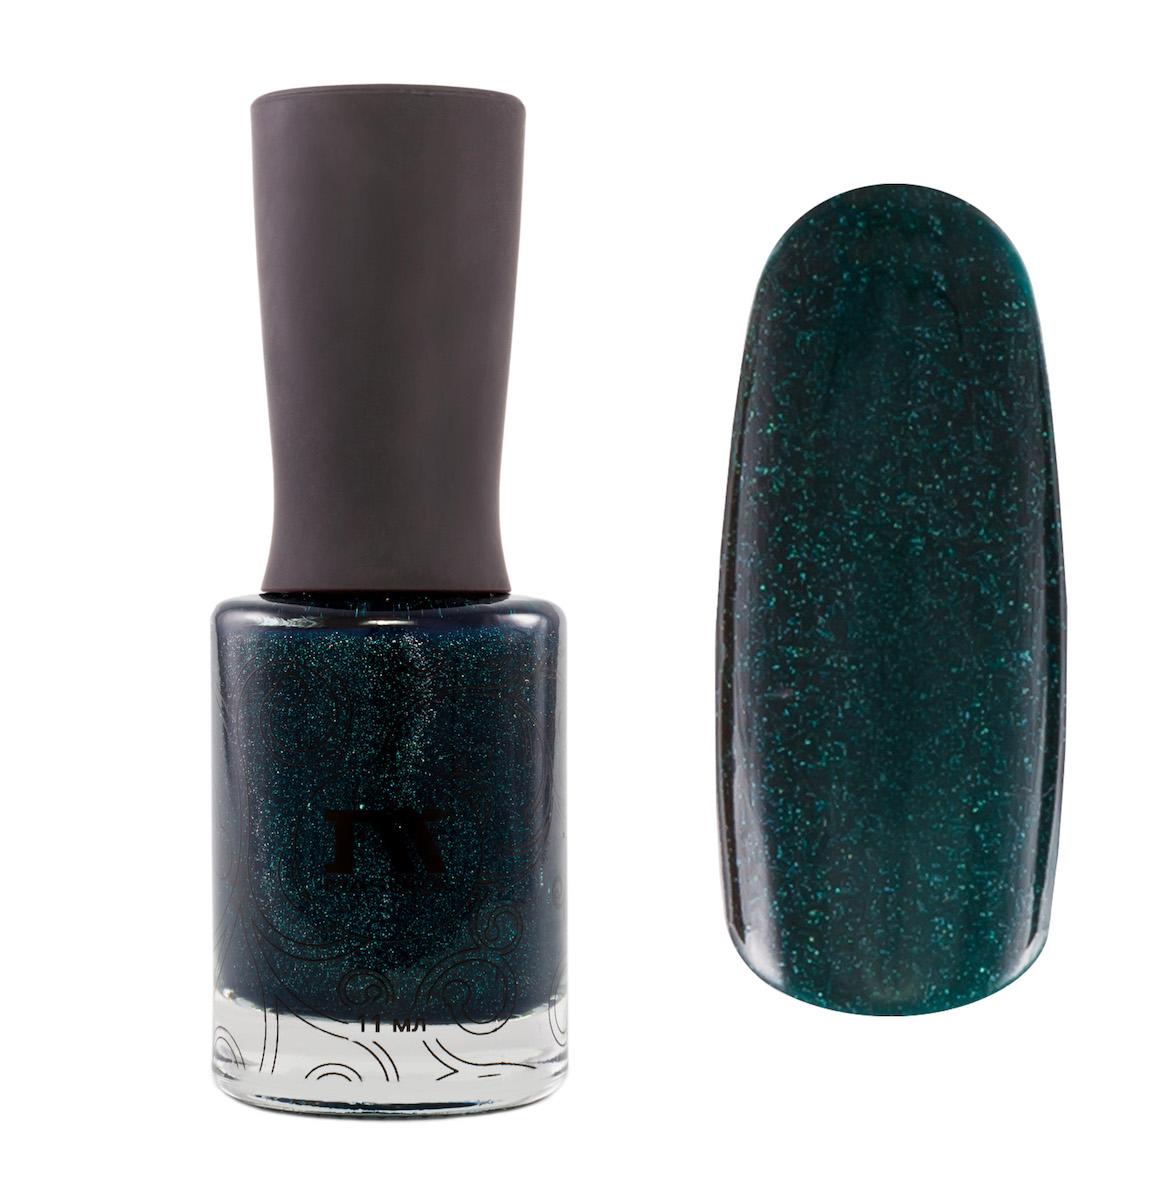 Masura Лак для ногтей Поменьше бы Понедельников, 11 мл13101020темно-зеленый с изумрудным подтоном, с явным голографическим и зеленовато-голубым мерцанием